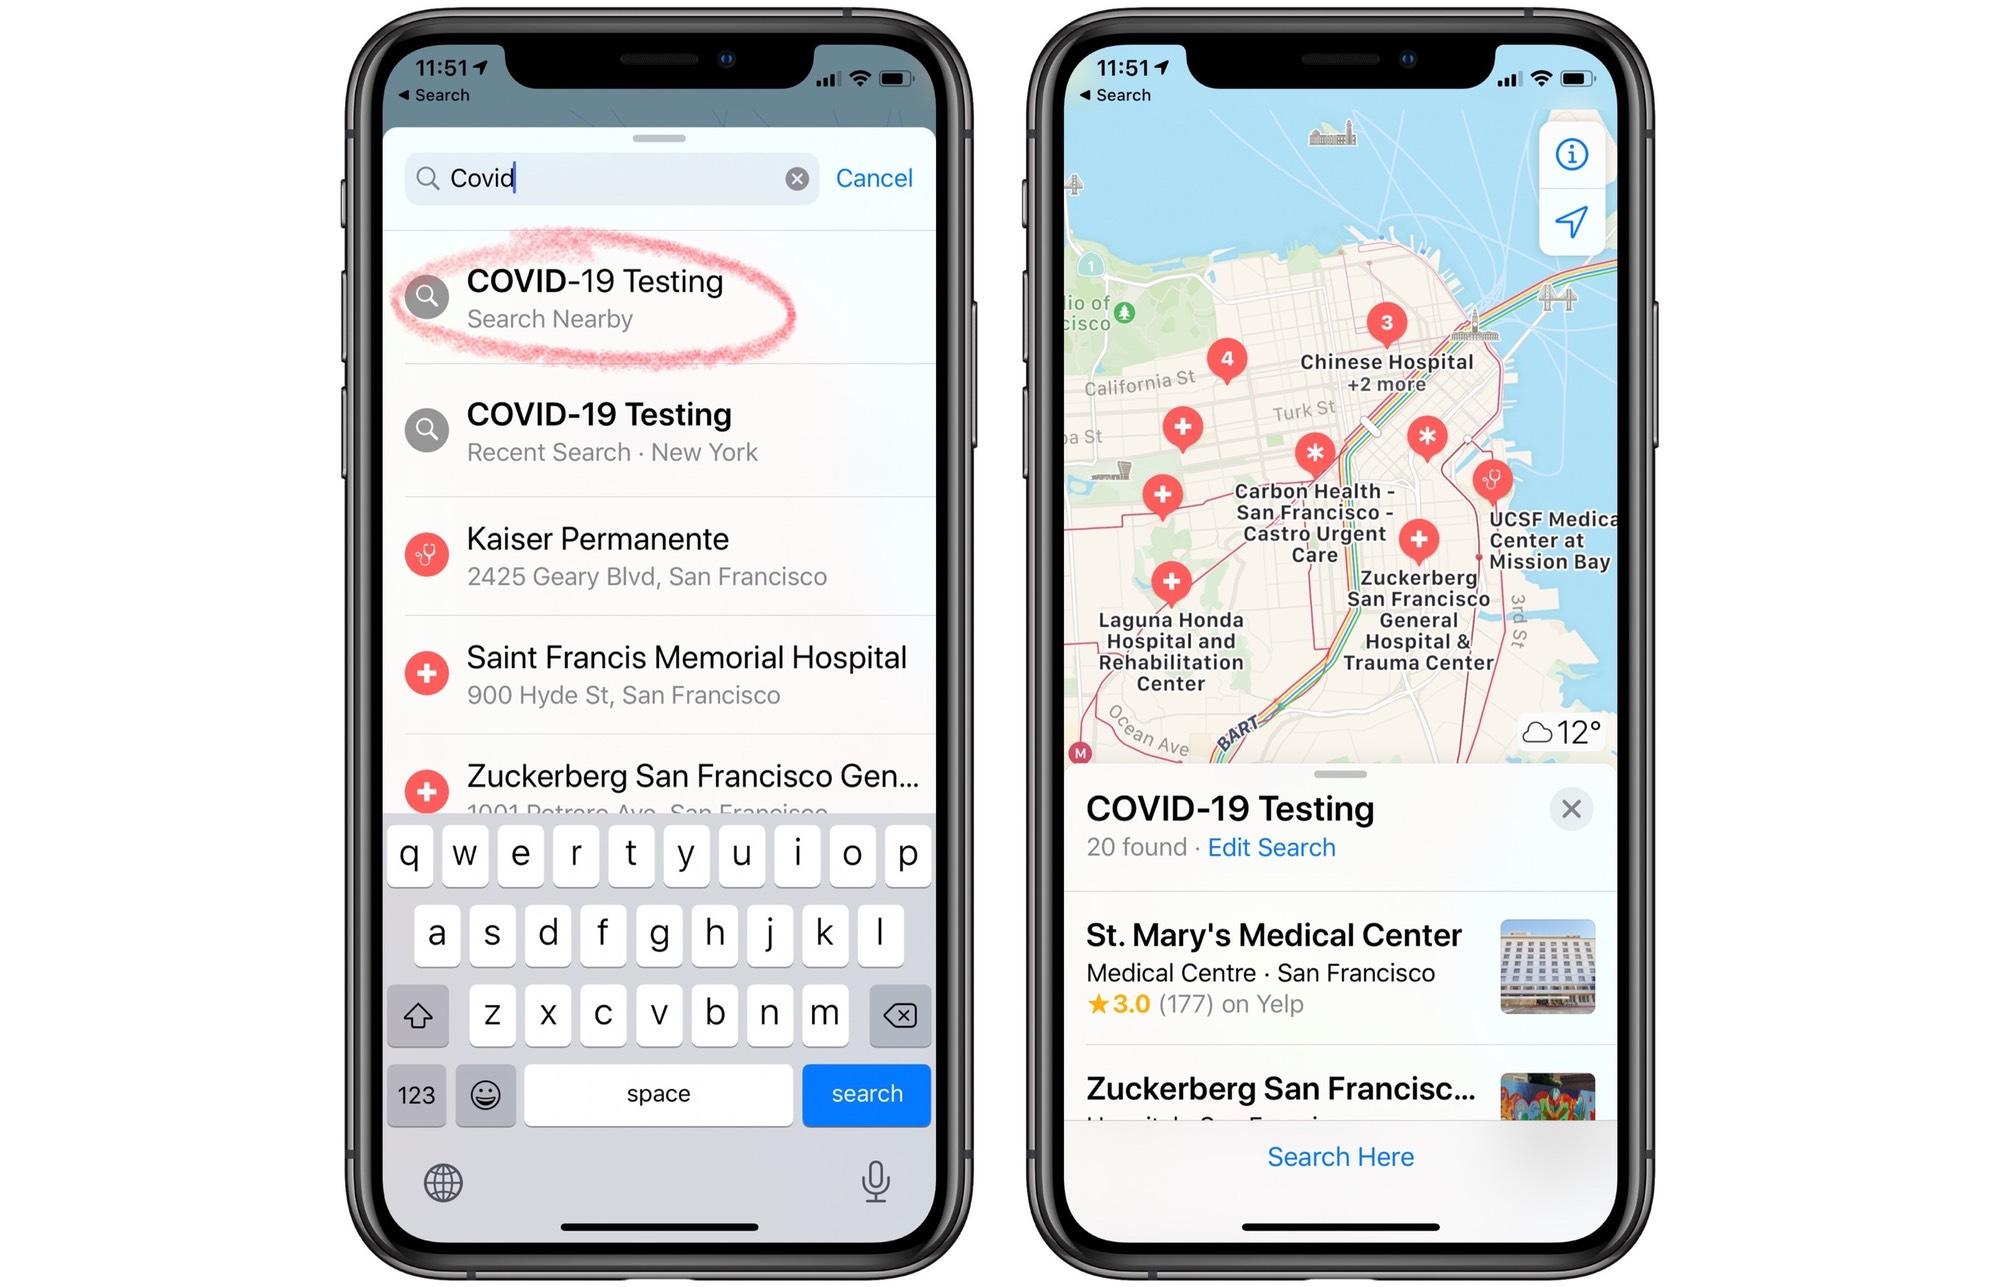 Tìm kiếm Apple Bản đồ để hiển thị tất cả các trạm kiểm tra COVIDOS19 gần bạn.